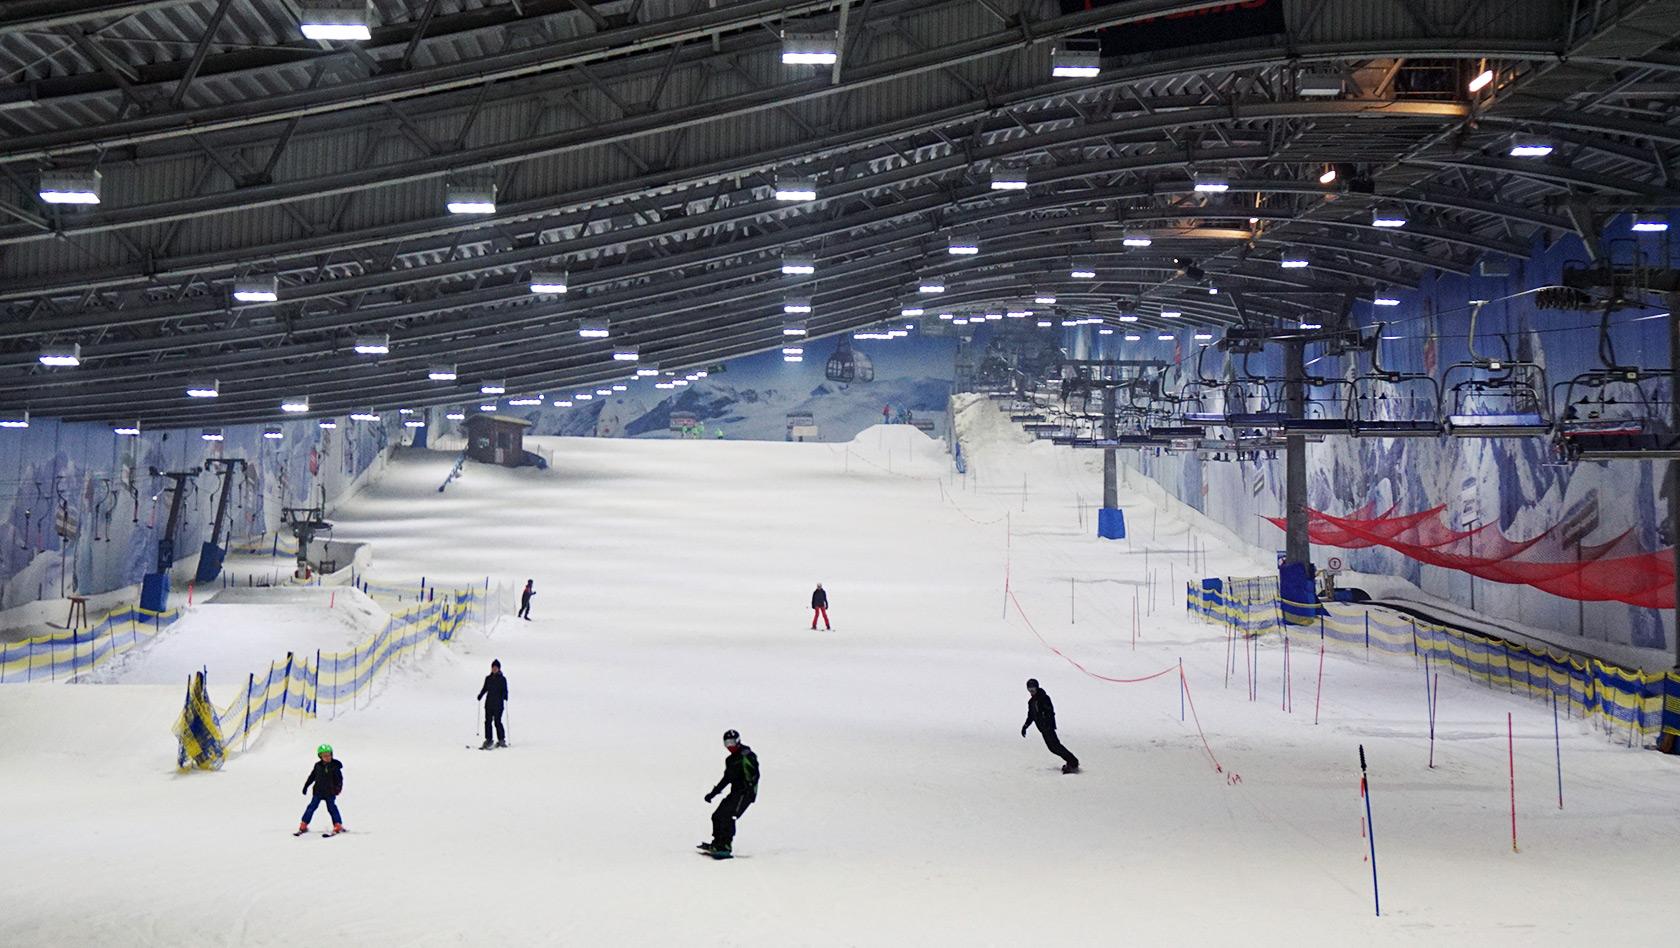 Bilder Skihalle Neuss Halloween.Alpenpark Neuss Bei Dusseldorf Alpiner Freizeitpark